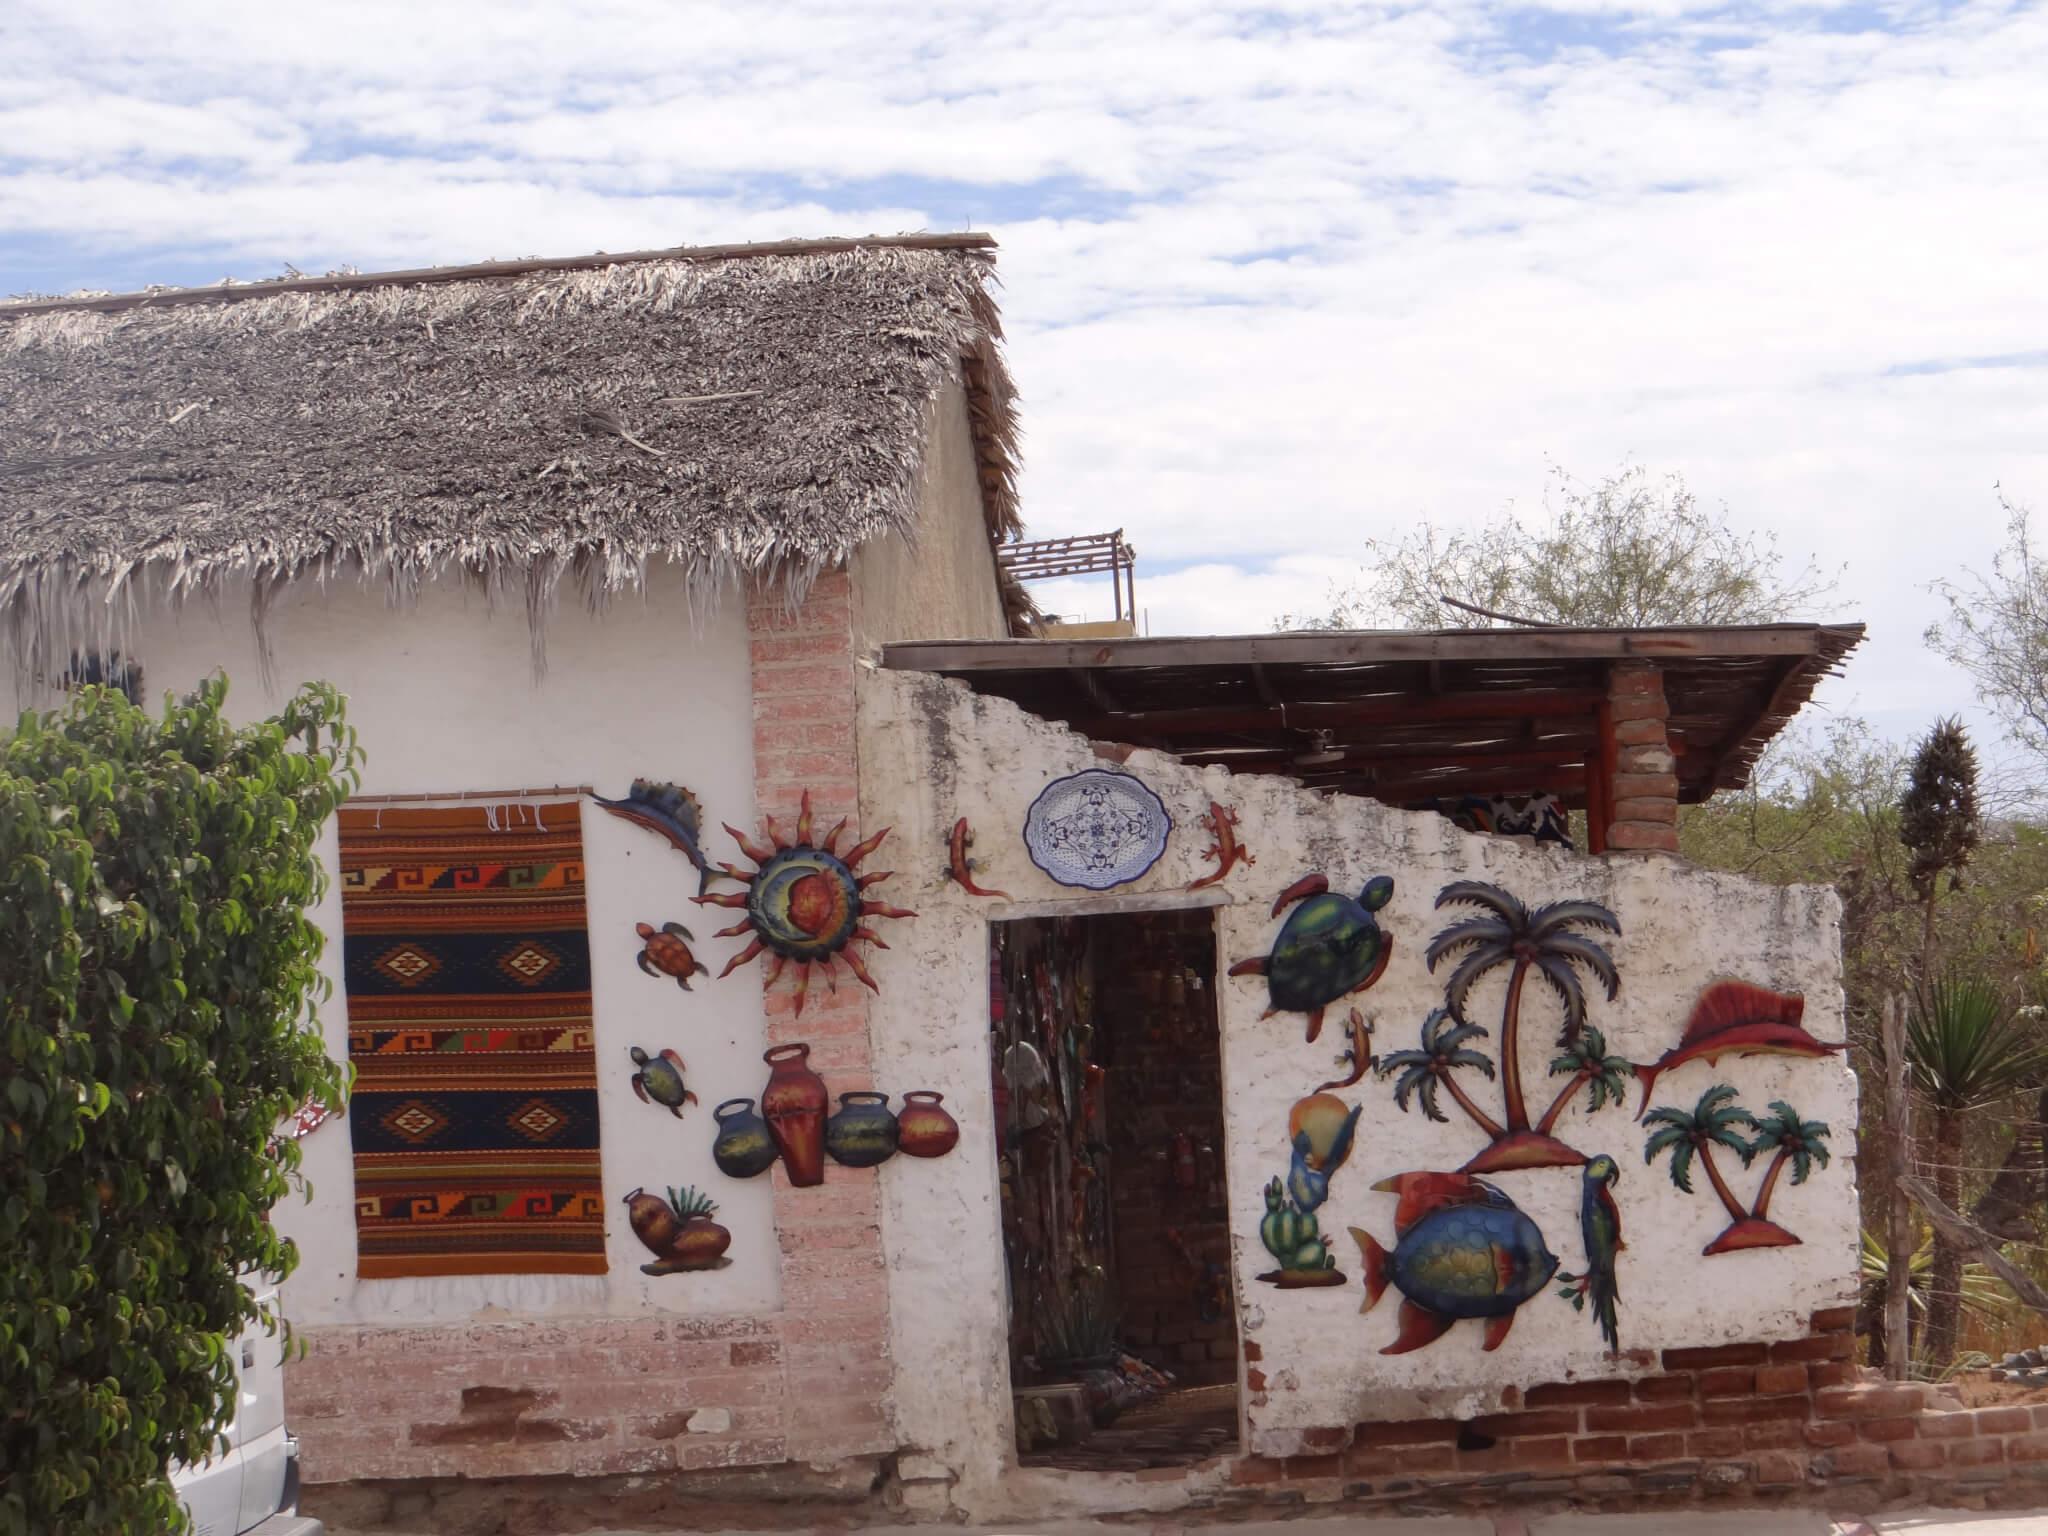 дом в мексике тодос сантос